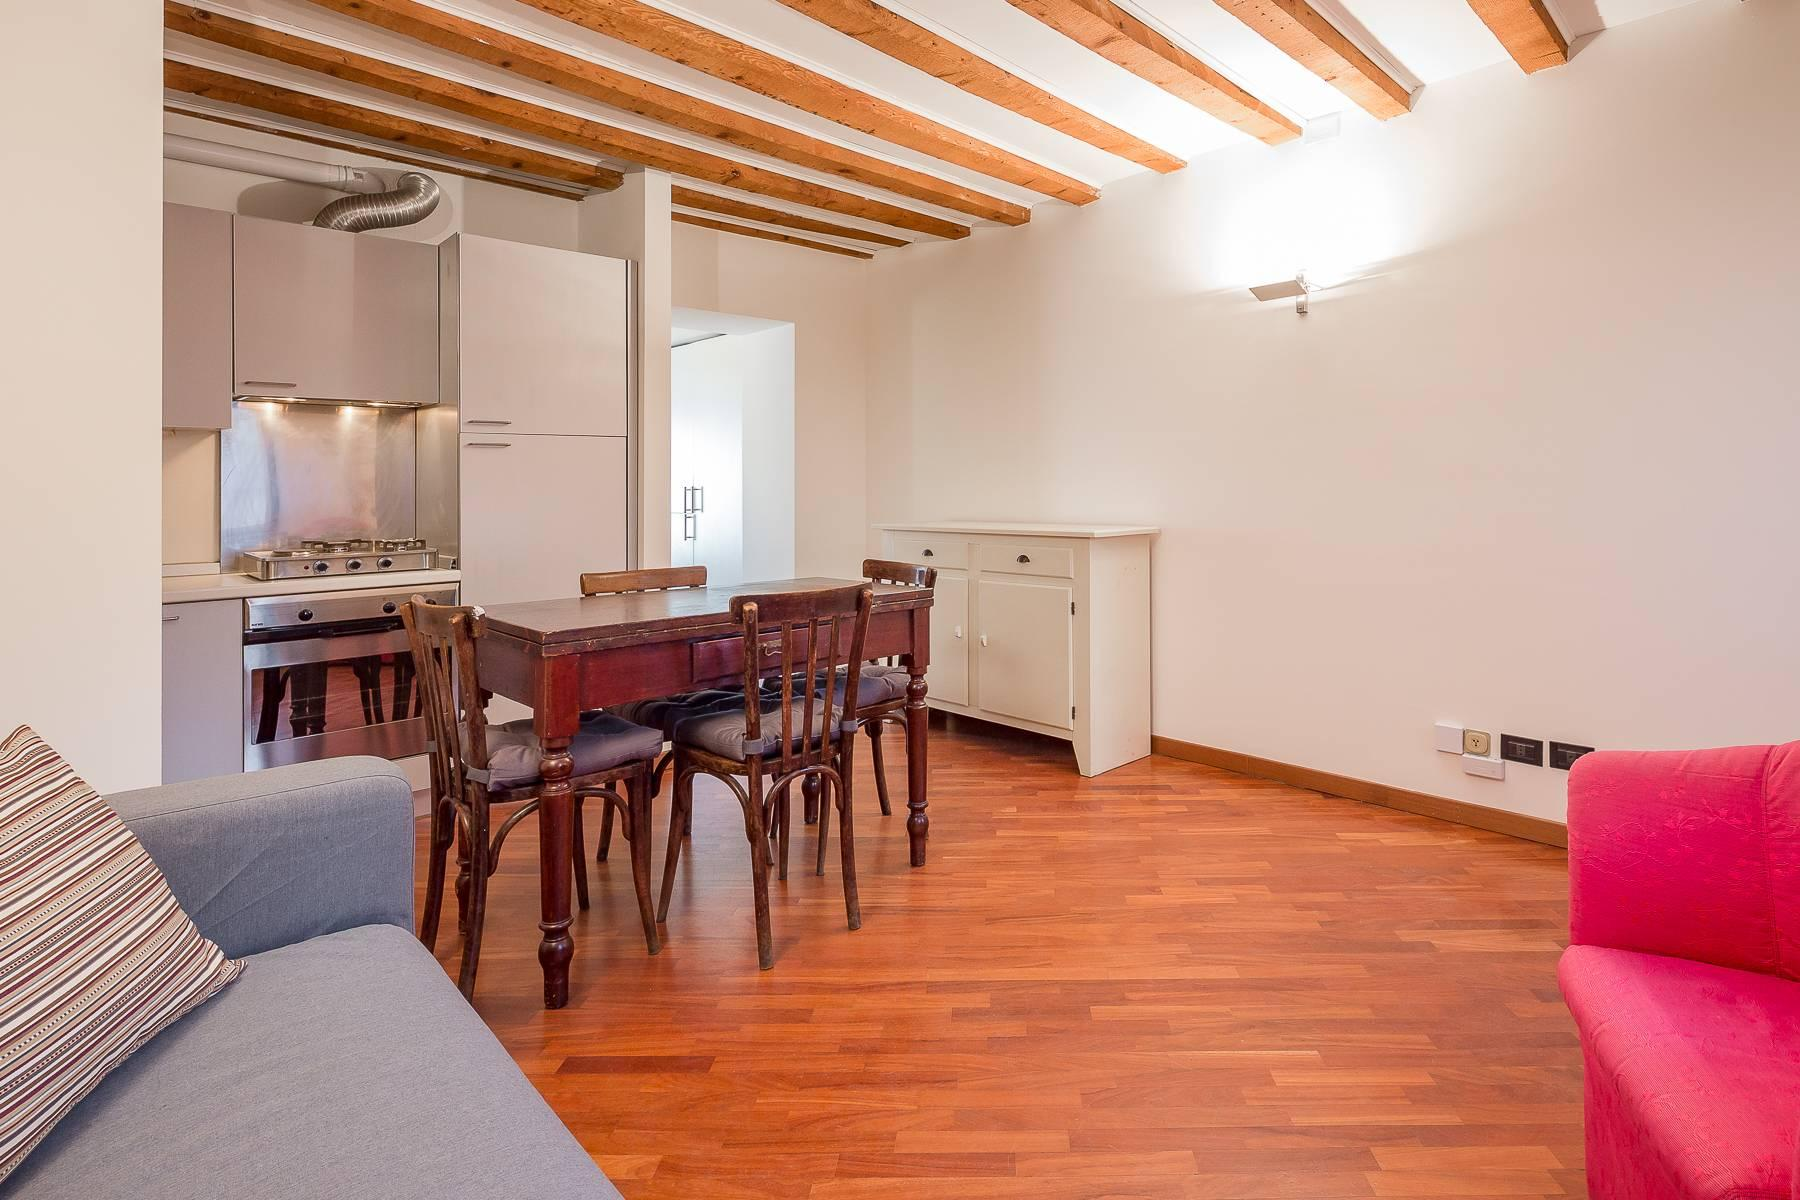 Renovierte Zwei-zimmer wohnung im Stadtviertel Navigli - 4